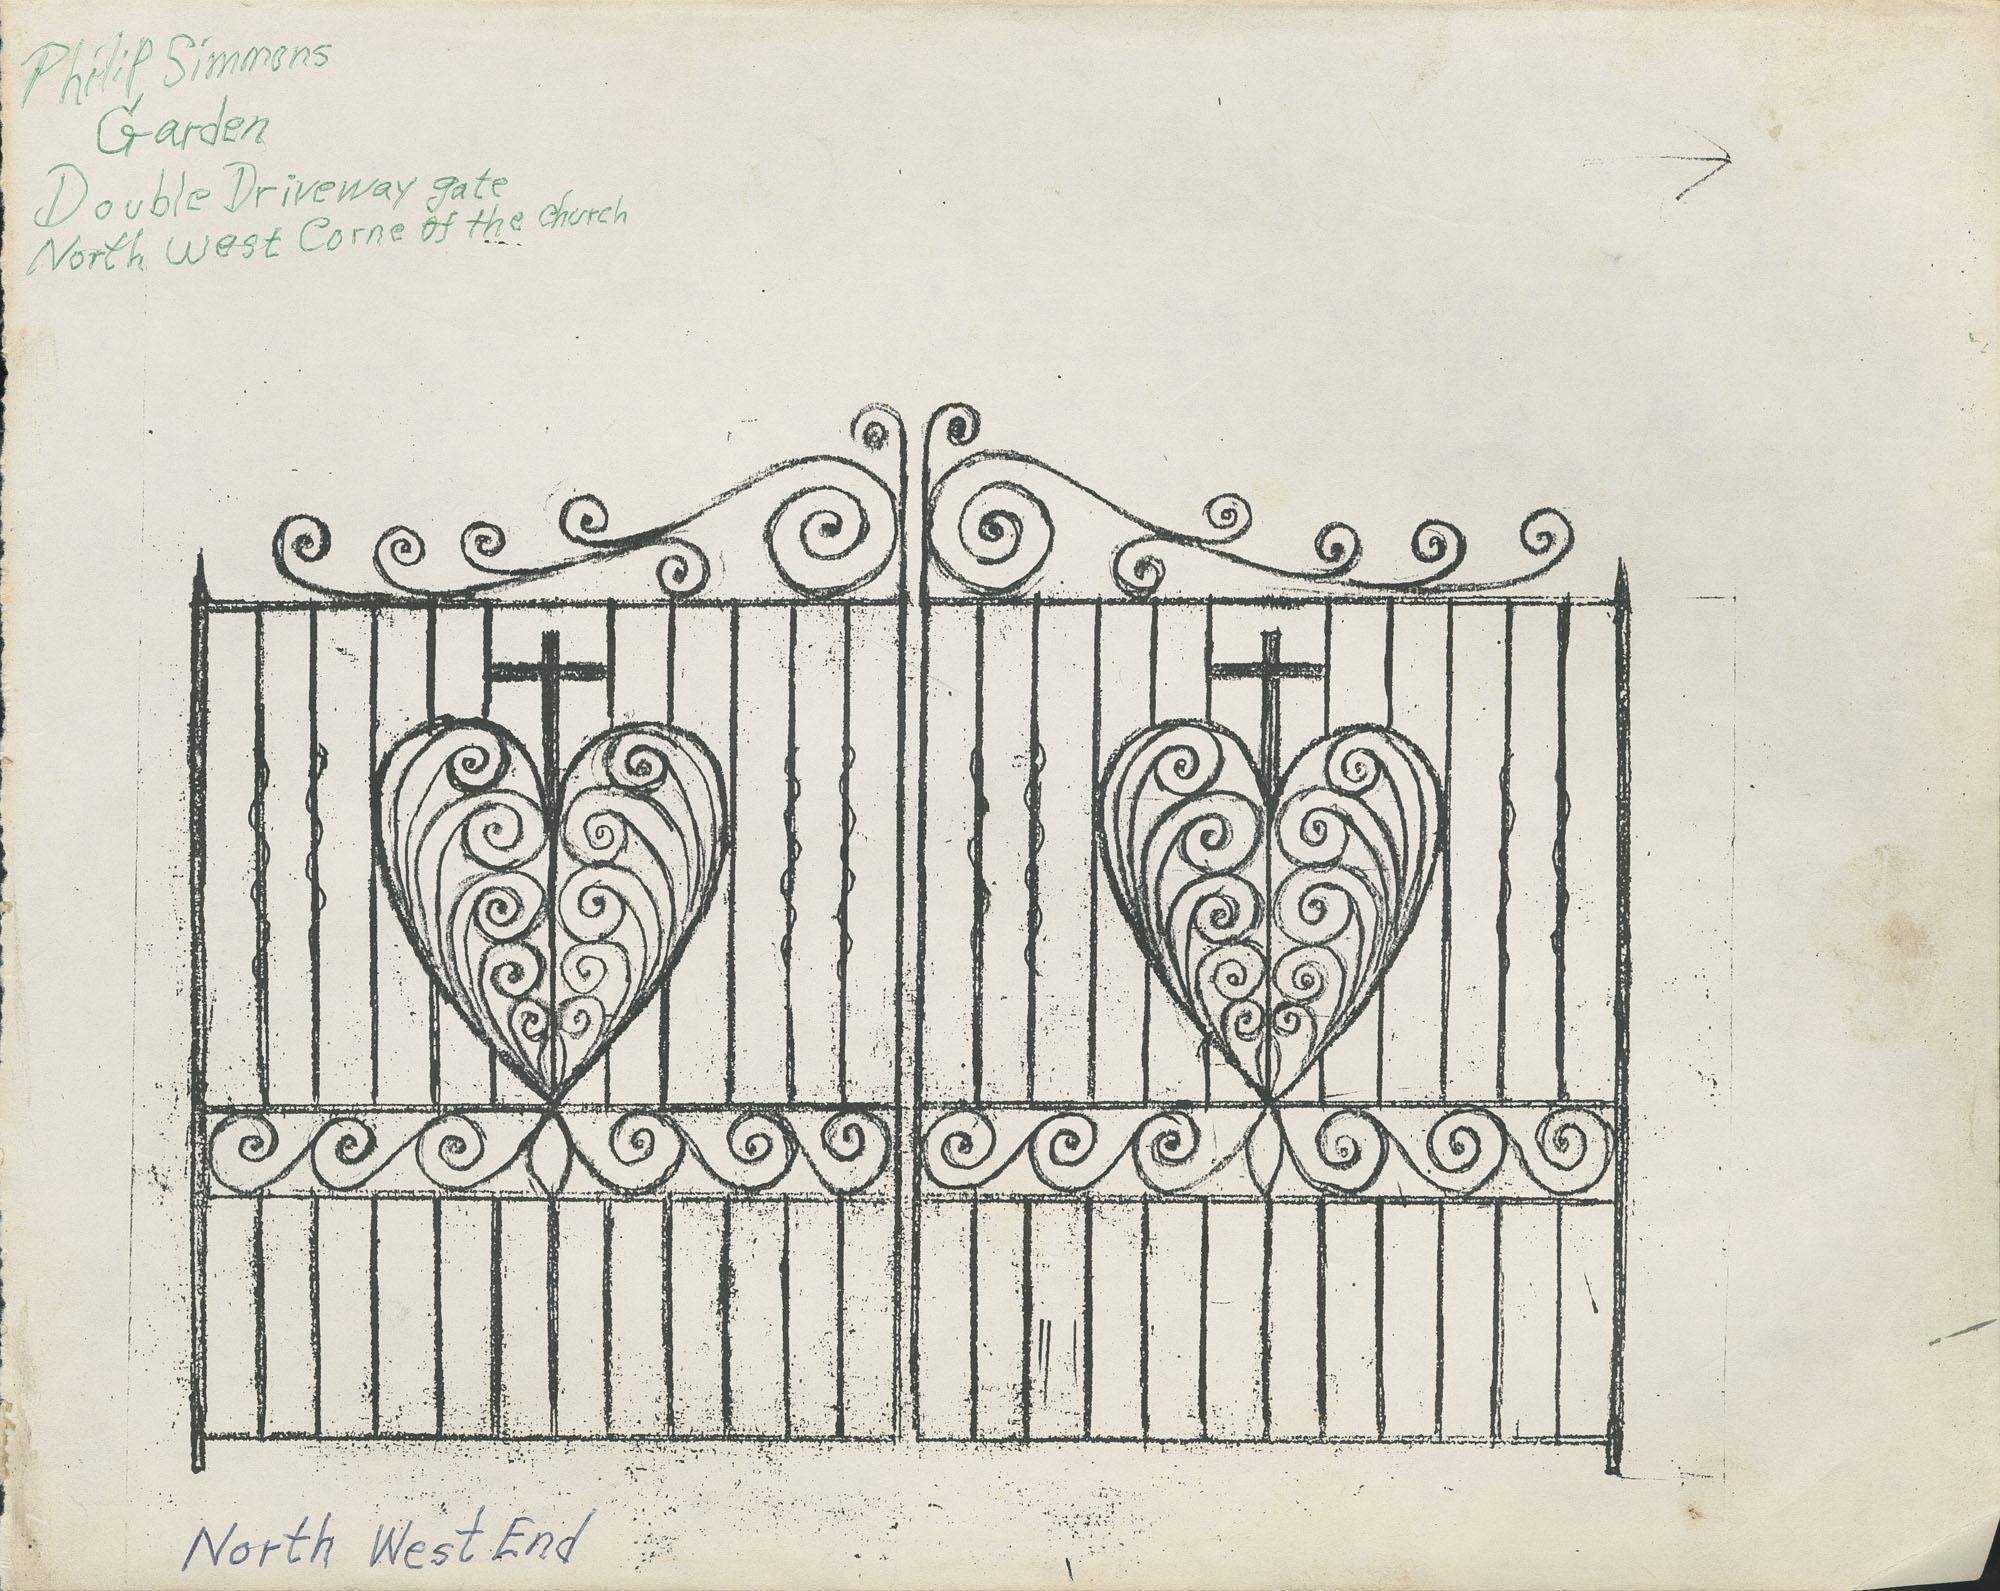 91 Anson Street double driveway gate